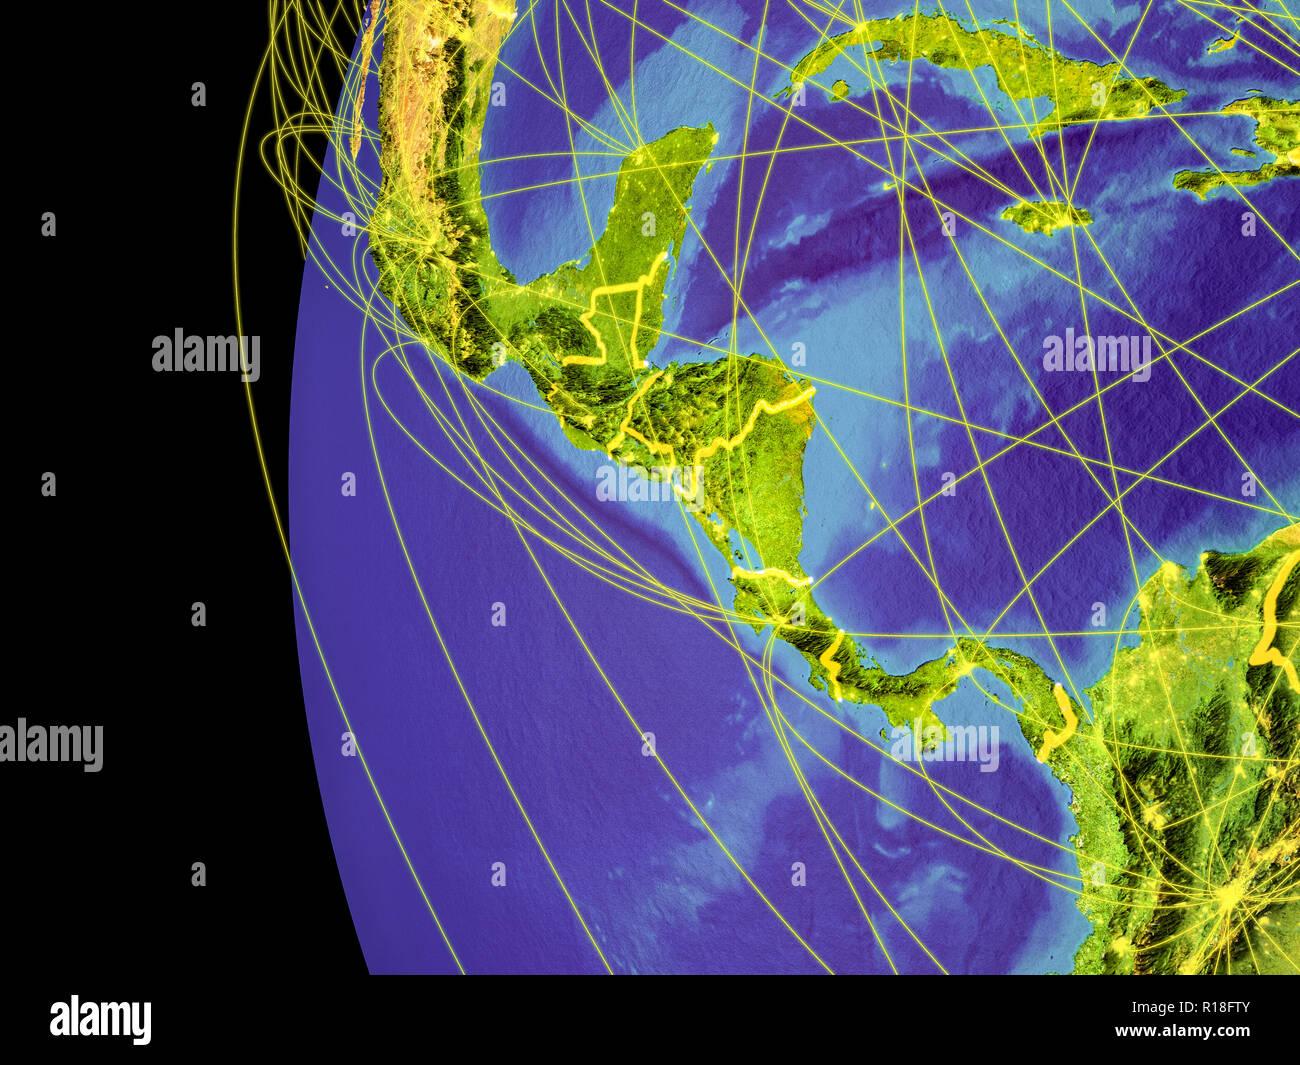 Mittelamerika aus dem Weltraum auf dem Planeten Erde mit Linien, globale Kommunikation, Reisen, Verbindungen. 3D-Darstellung. Elemente dieses Bild Stockfoto